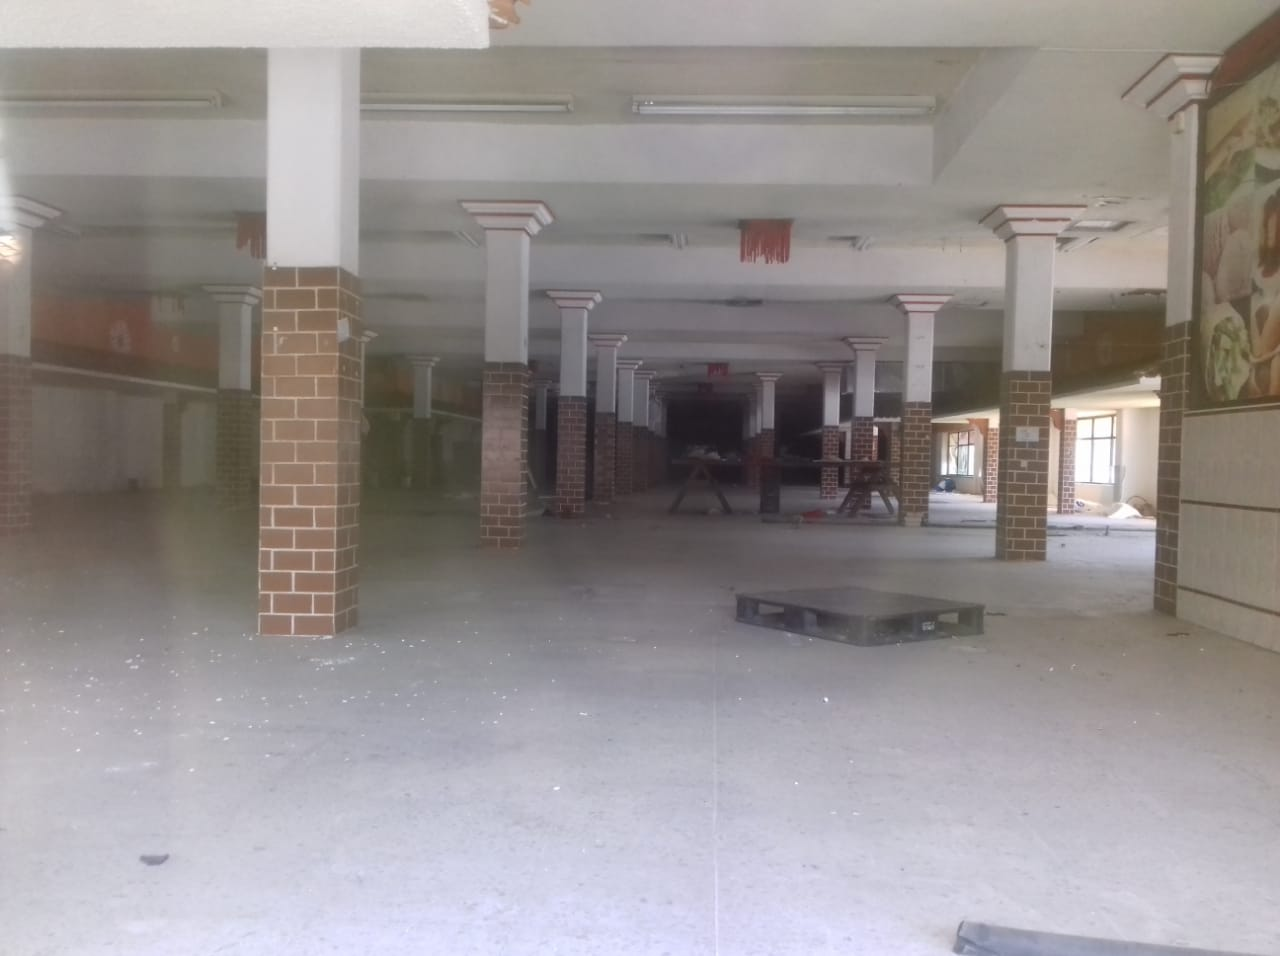 LOCAL EN RENTA, ZONA CENTRO VERACRUZ PUERTO